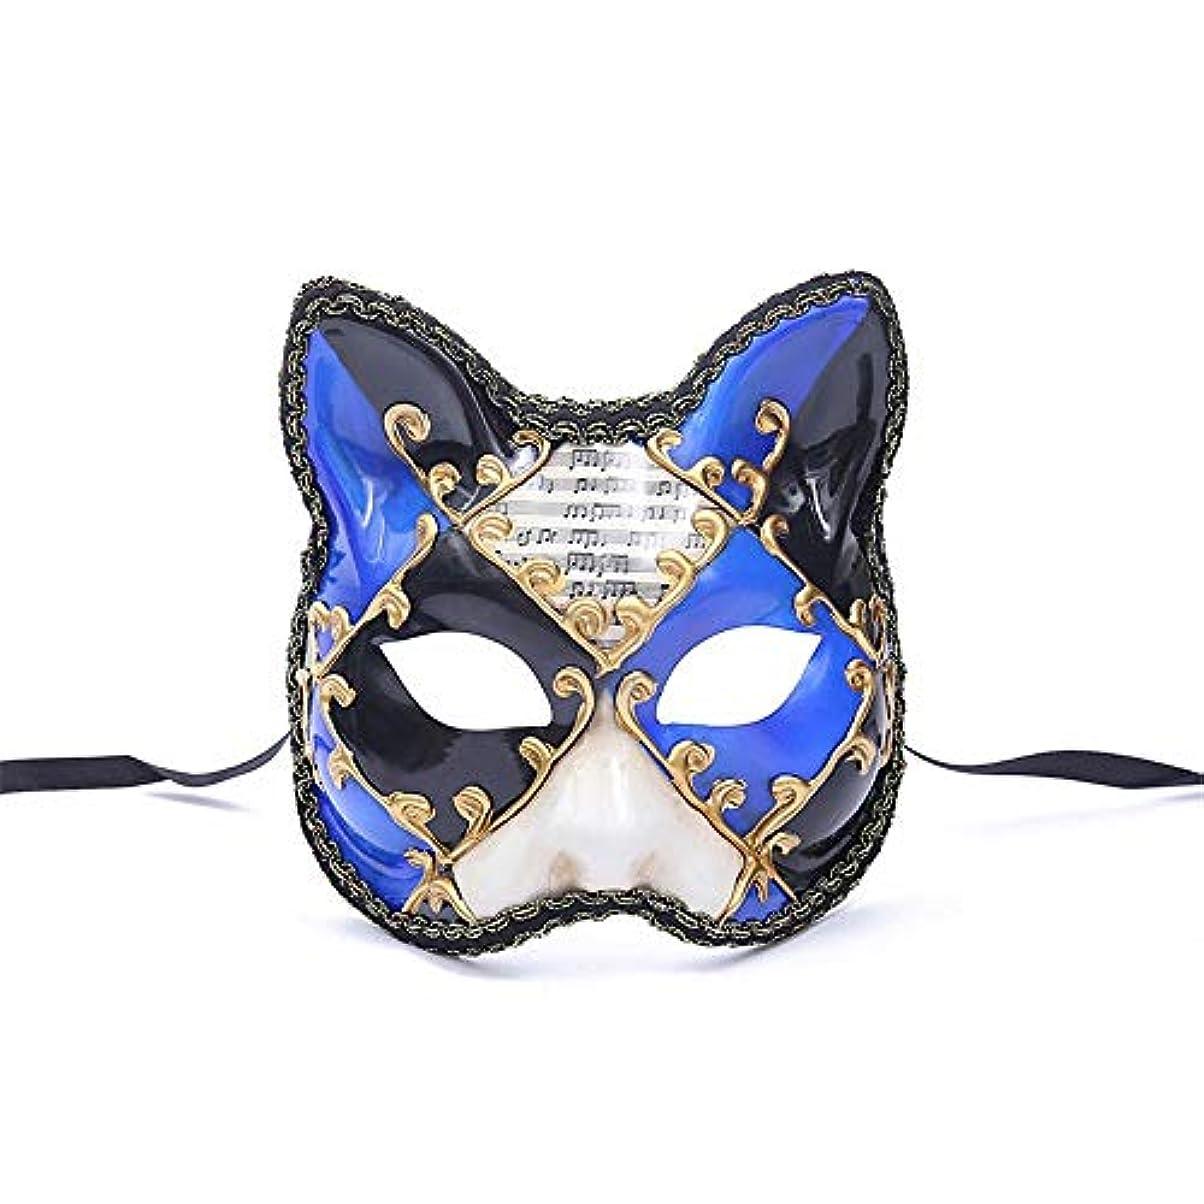 野菜腹始めるダンスマスク 大きな猫アンティーク動物レトロコスプレハロウィーン仮装マスクナイトクラブマスク雰囲気フェスティバルマスク ホリデーパーティー用品 (色 : 青, サイズ : 17.5x16cm)